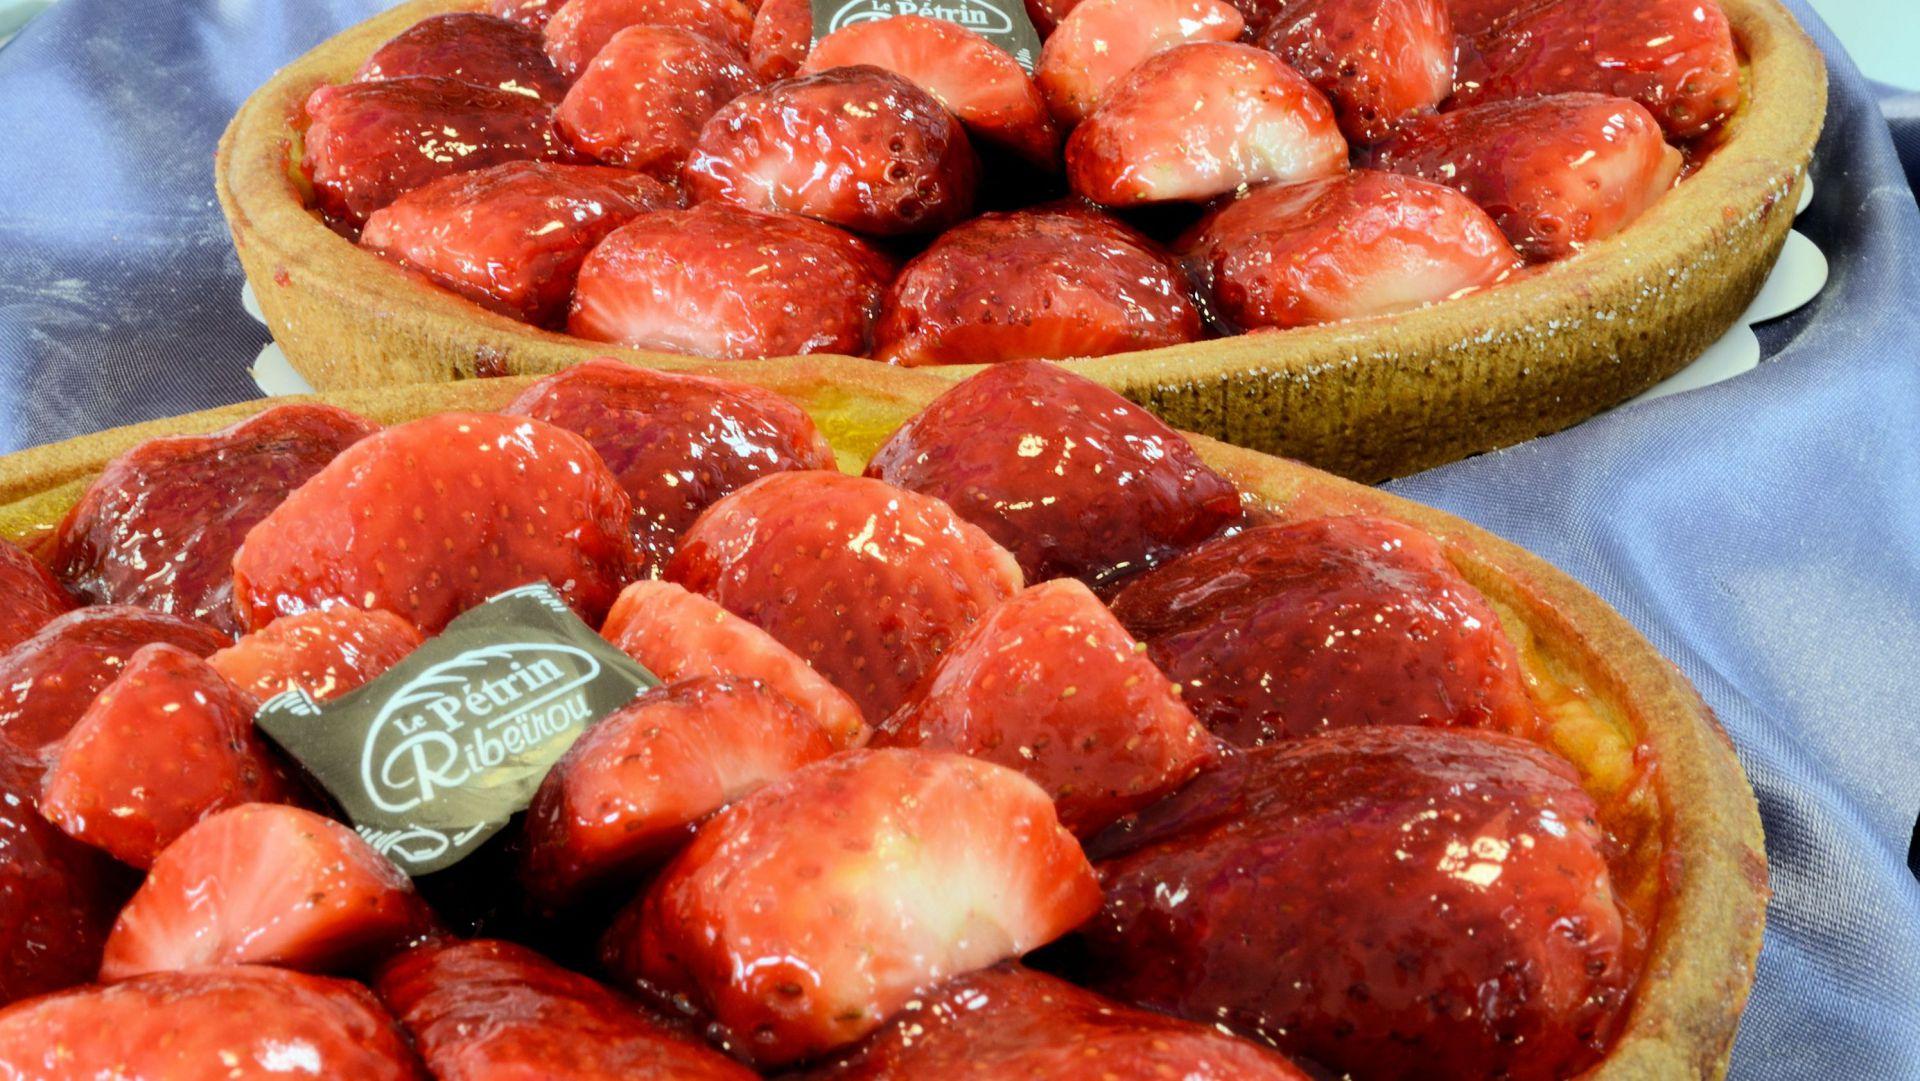 Tarte aux fraises - Tarte aux fraises